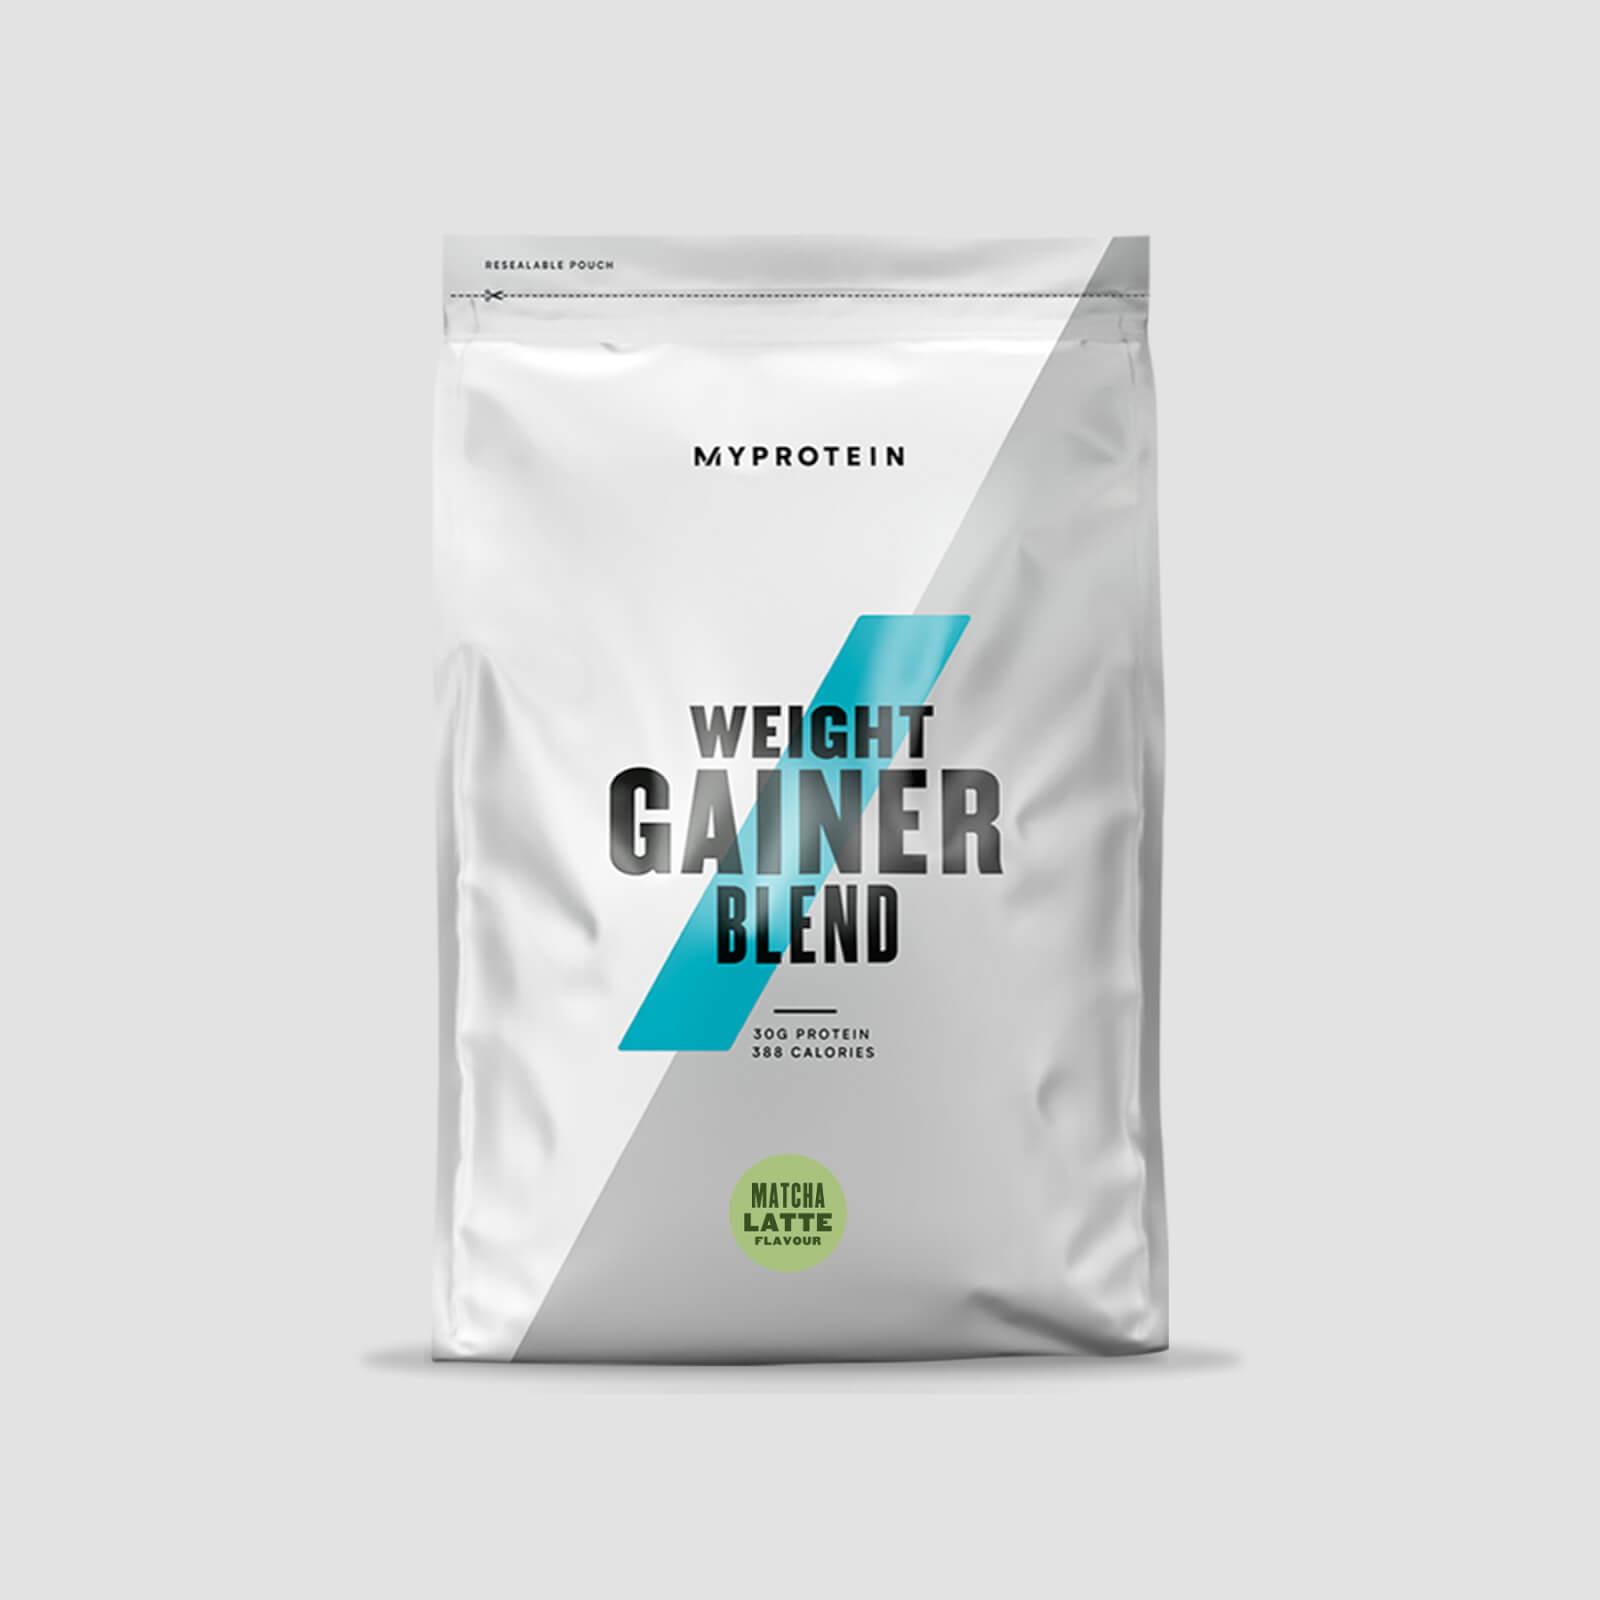 Myprotein Weight Gainer Blend - 2.5kg - Matcha Latte